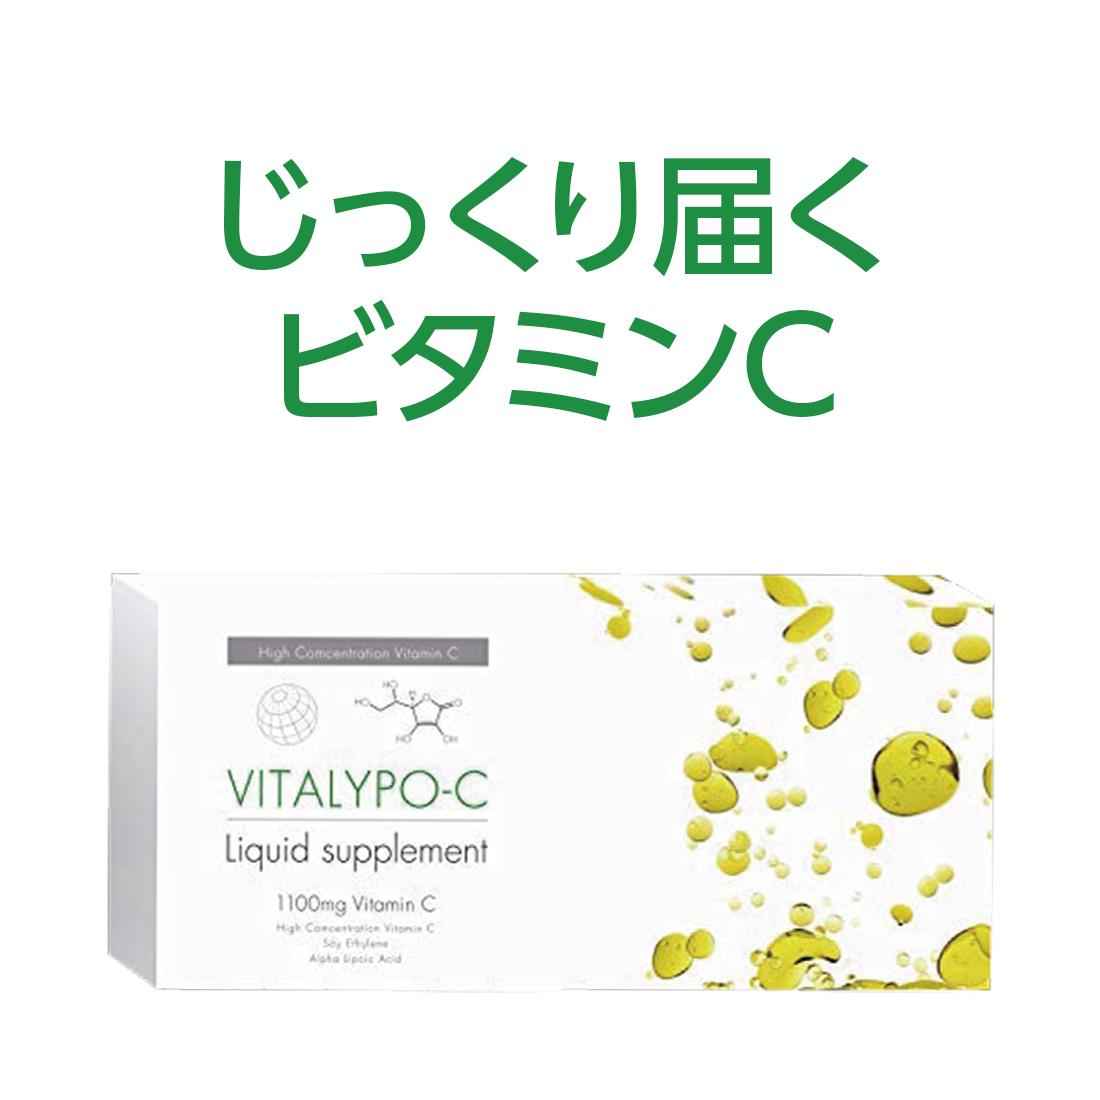 送料無料 高濃度ビタミンC サプリ ビタミンC 誘導体 アルファリポ酸 サプリメント 毎日激安特売で 営業中です αリポ酸 液体ビタミンC 1100mg 一部対象外あり 1ヶ月分 9月11日まで レモン風味 国内在庫 全品10%~30%OFF 幸せラボ VITALYPO-C 30包